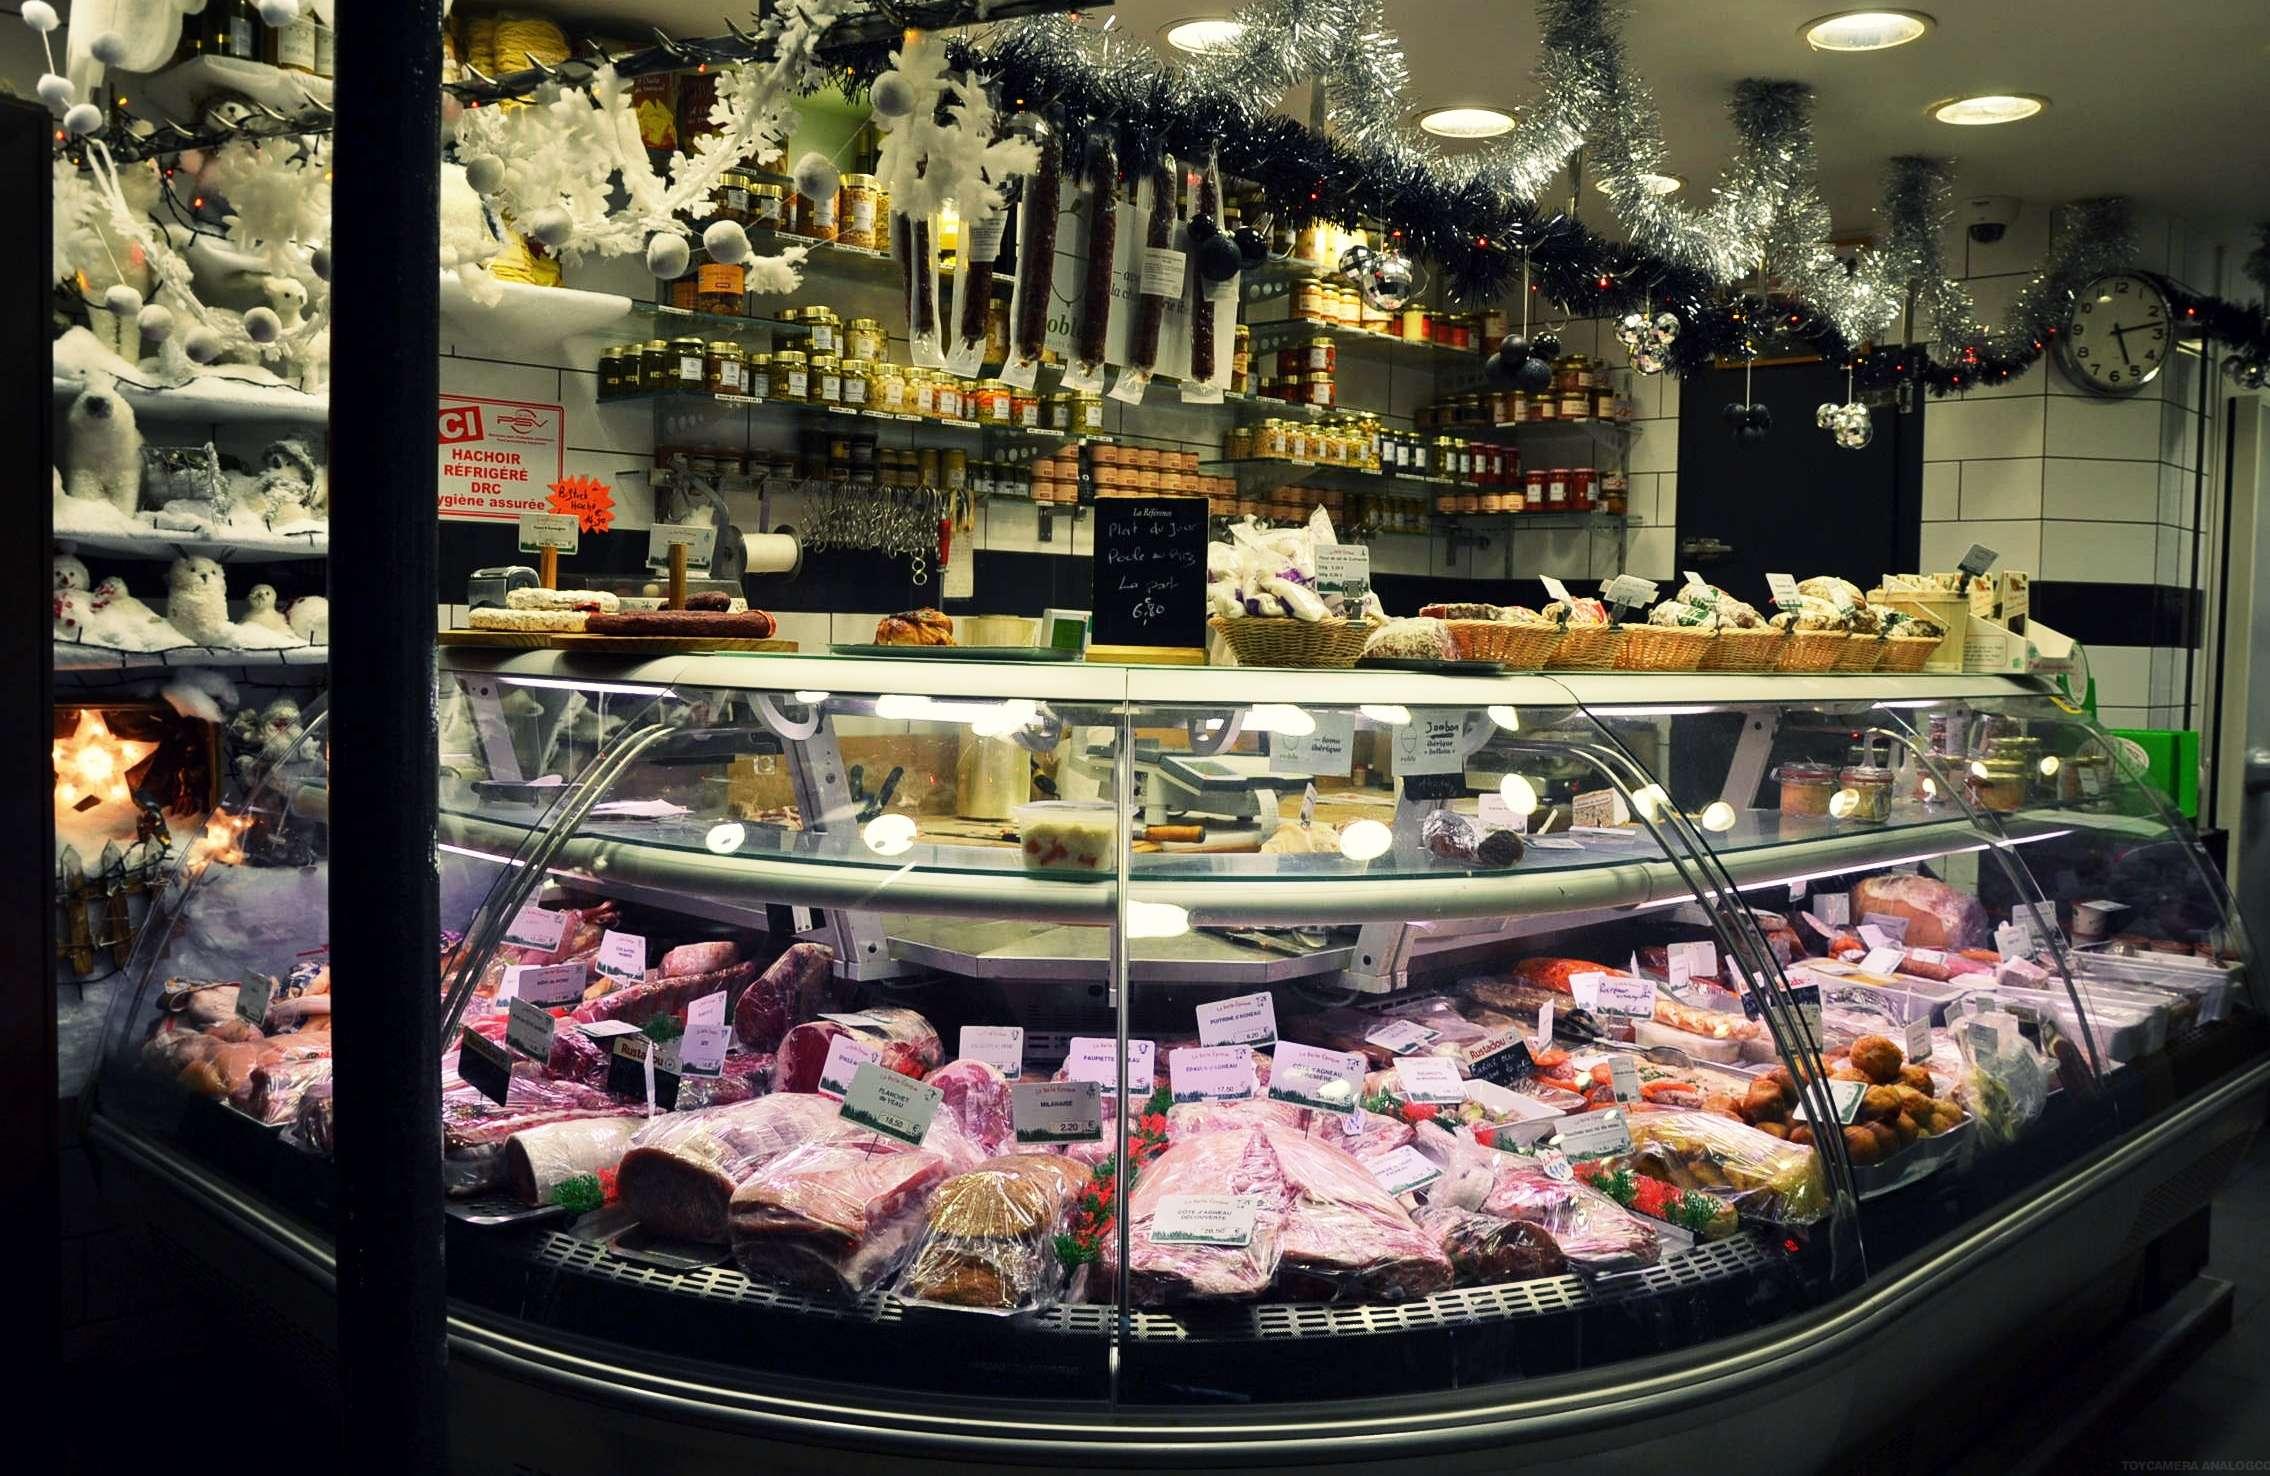 boucherie charcuterie triperie la belle époque paris 17 rue de la jonquière petits commerces petitscommerces.fr. 5